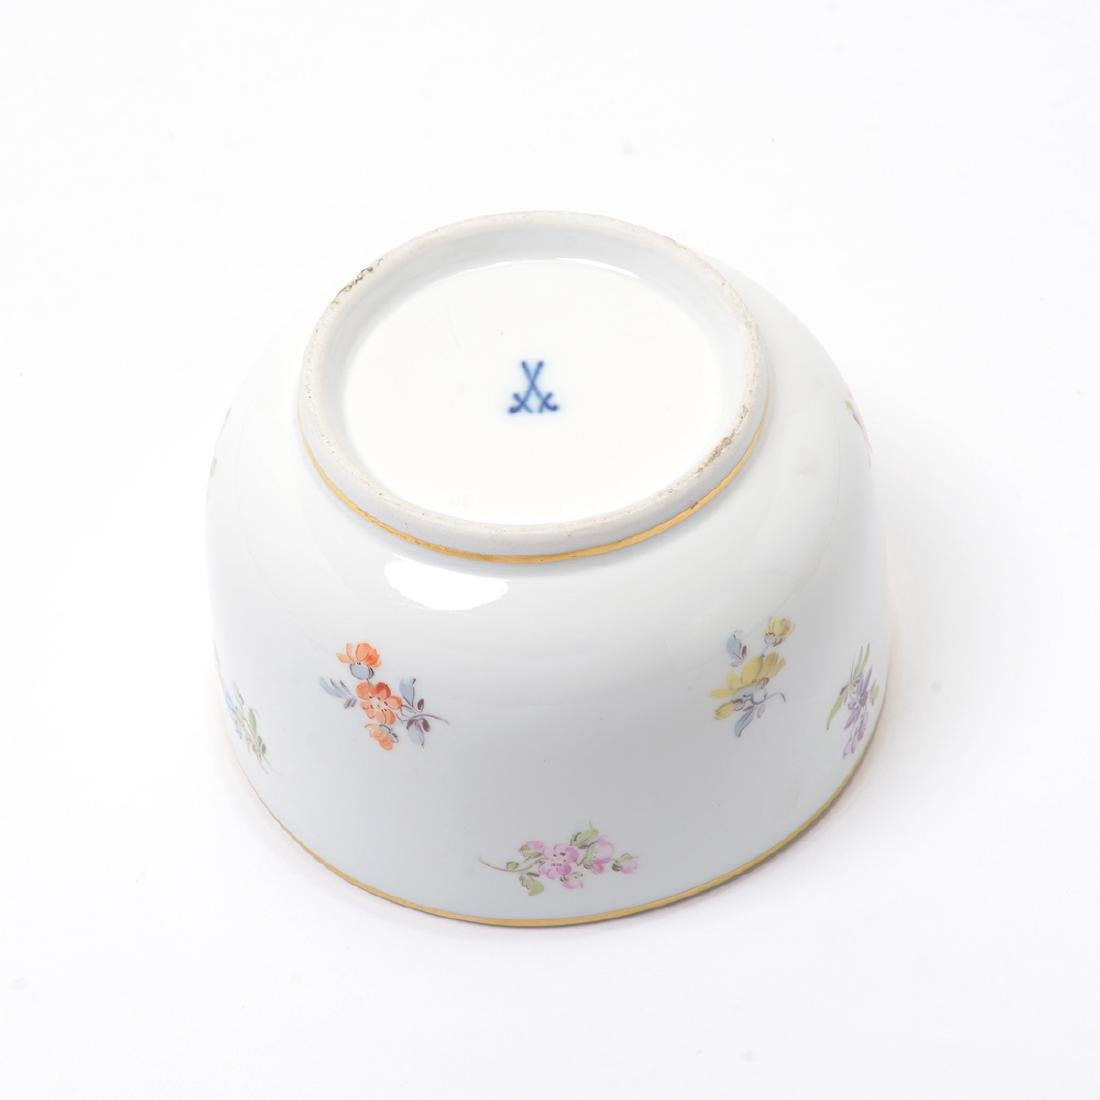 German Porcelain Bowl with Landscape Vignettes, 18th - 6